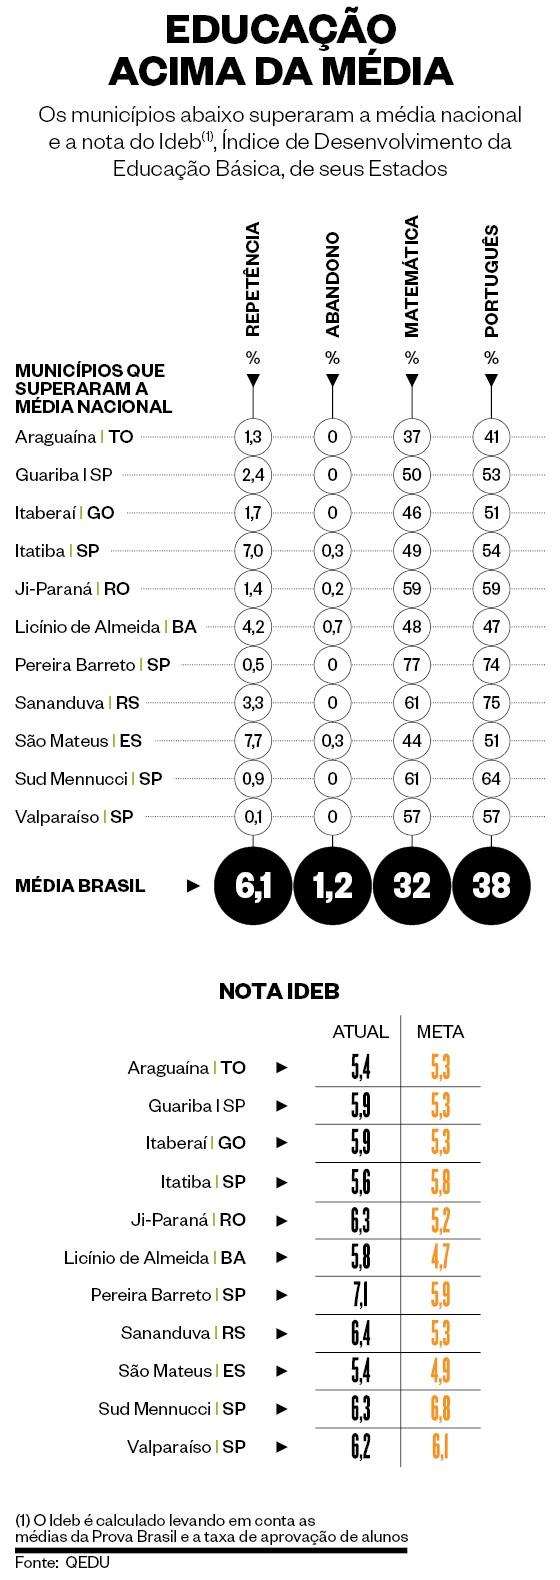 Infográfico sobre notas das escolas dos municípios que superam a média nacional do Índice de Desenvolvimento da Educação Básica (Foto: época )